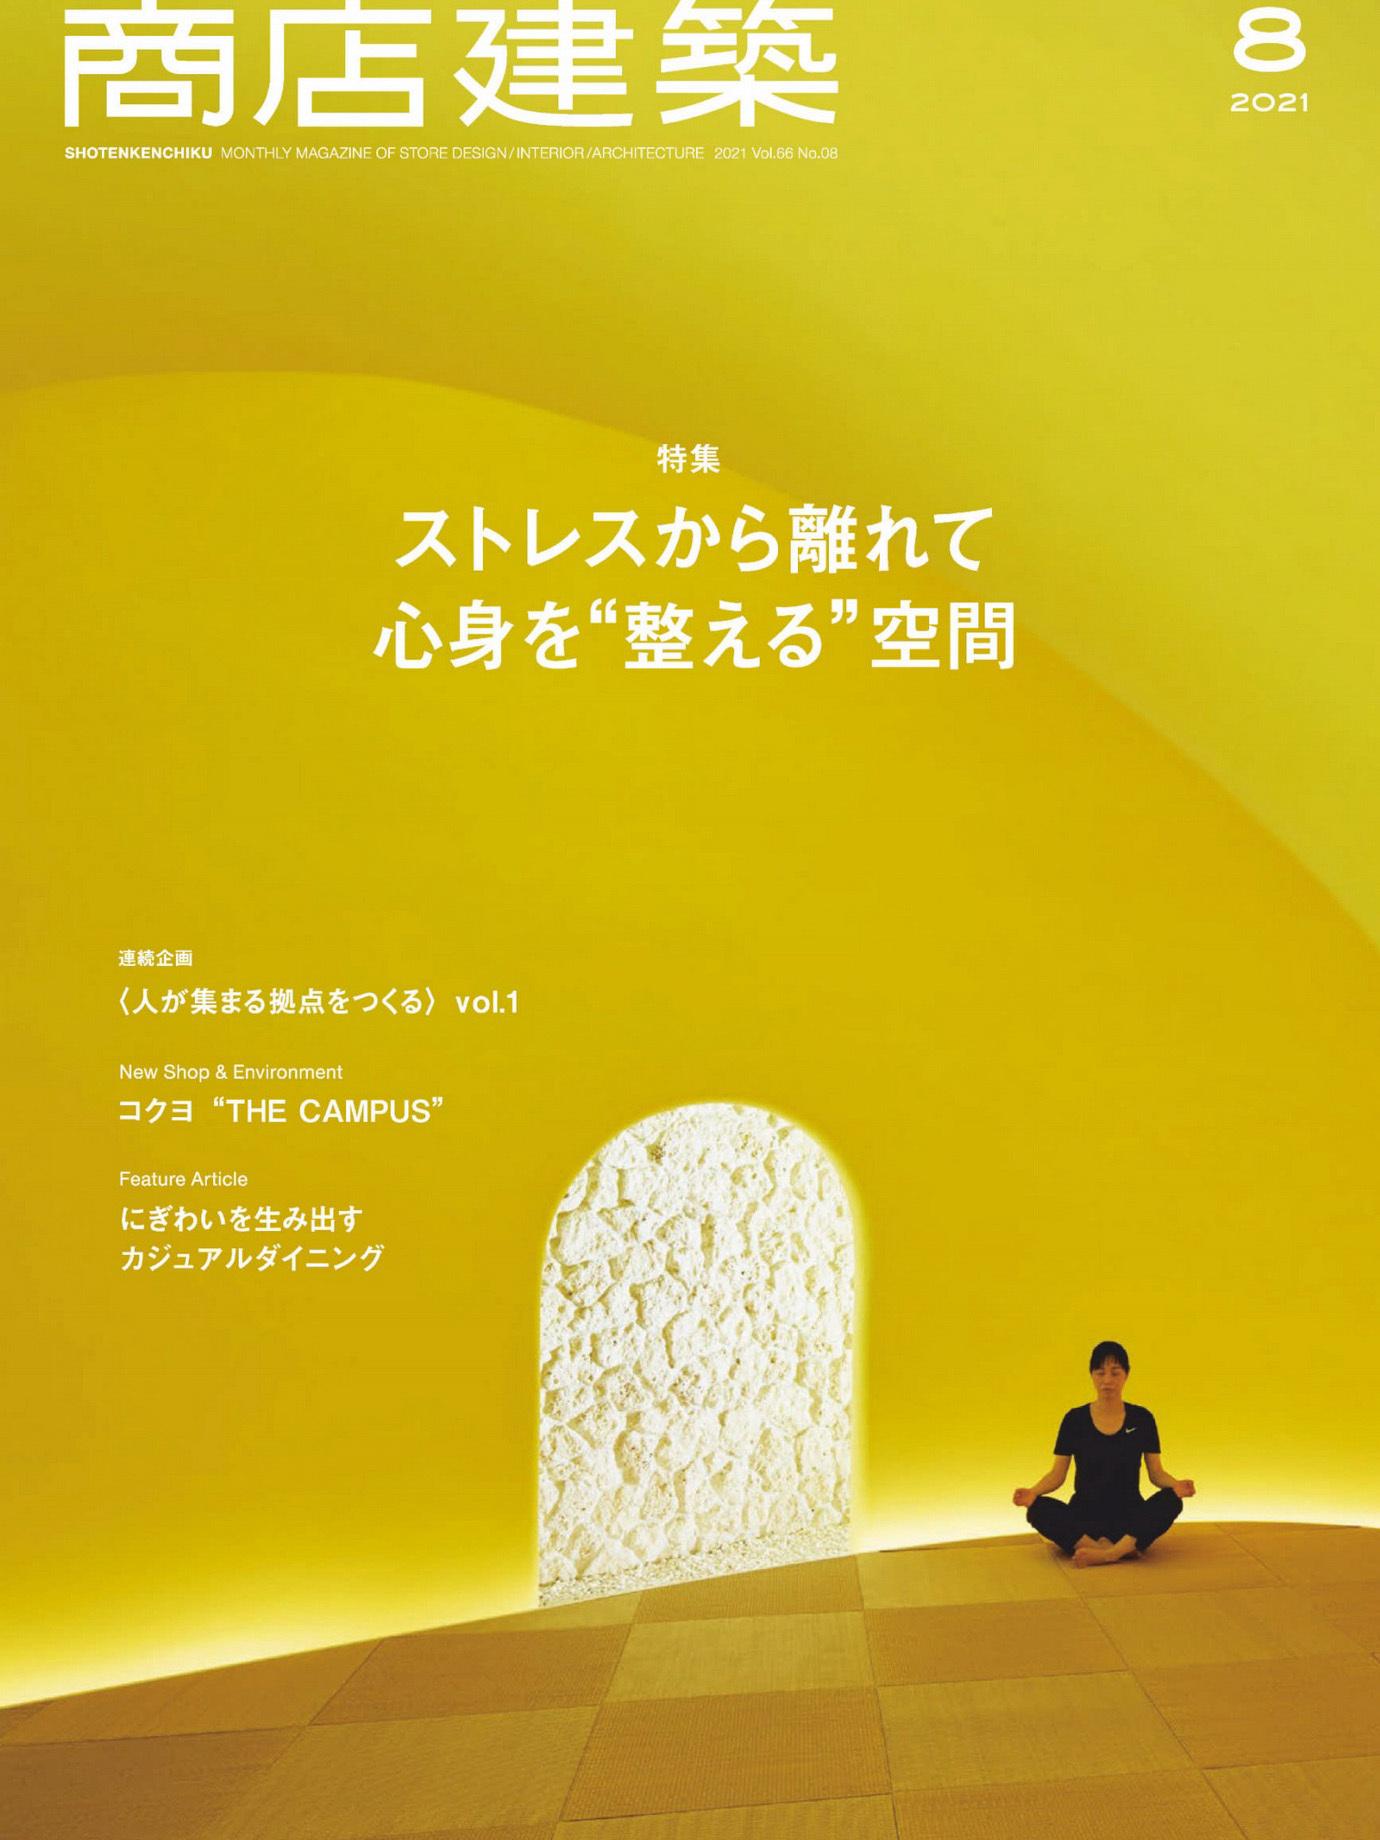 《商店建筑Shotenkenchiku》日本版店面室内设计杂志2021年08月号